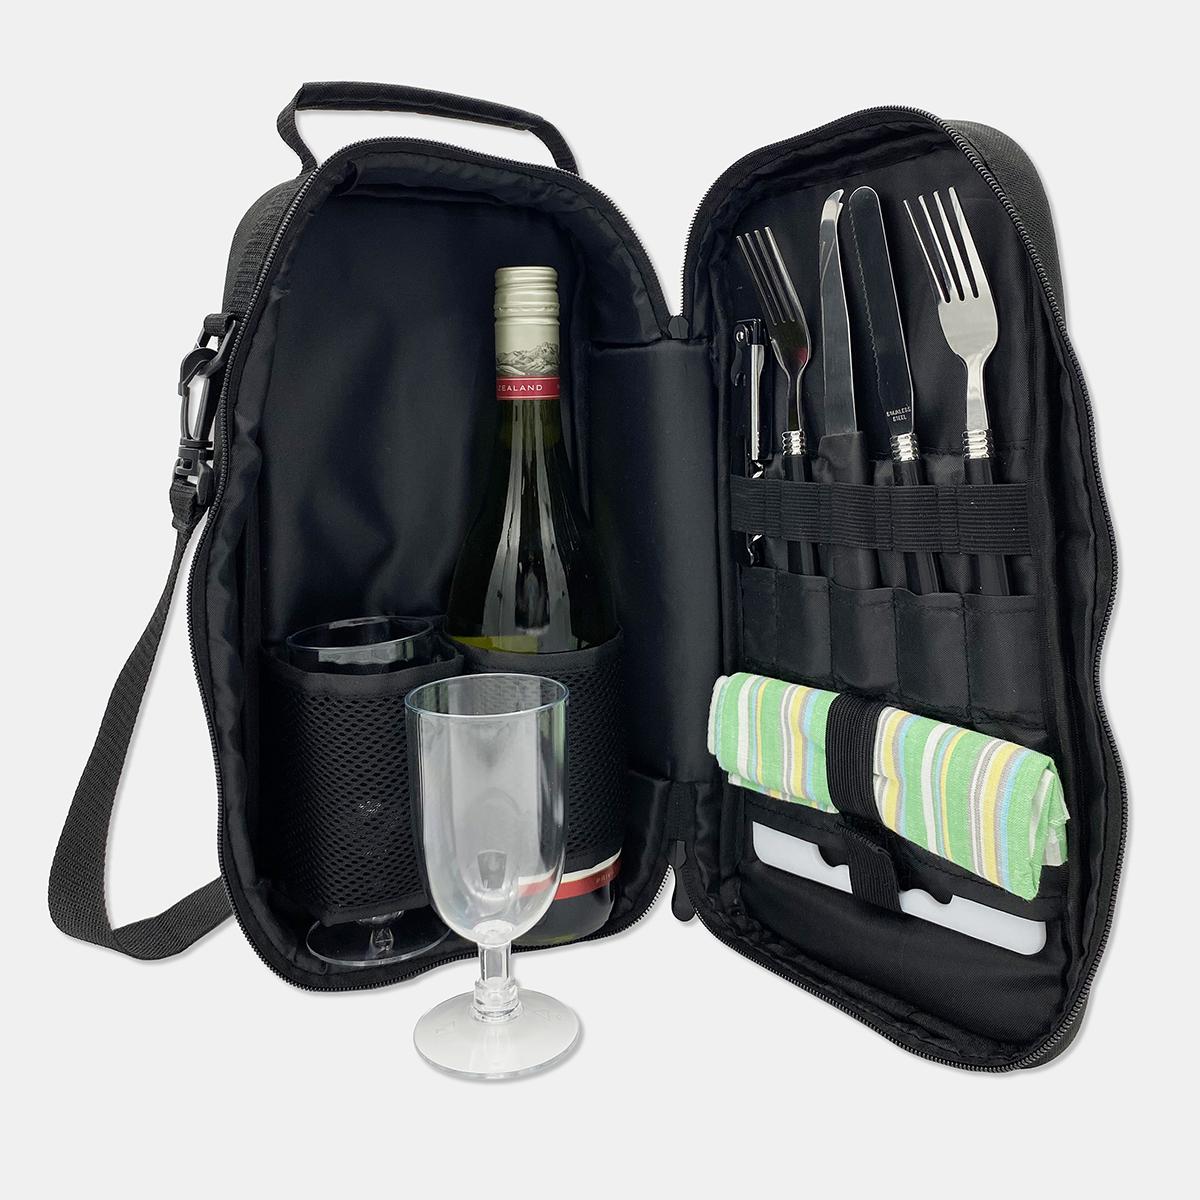 Kimberley Cooler Bag Set